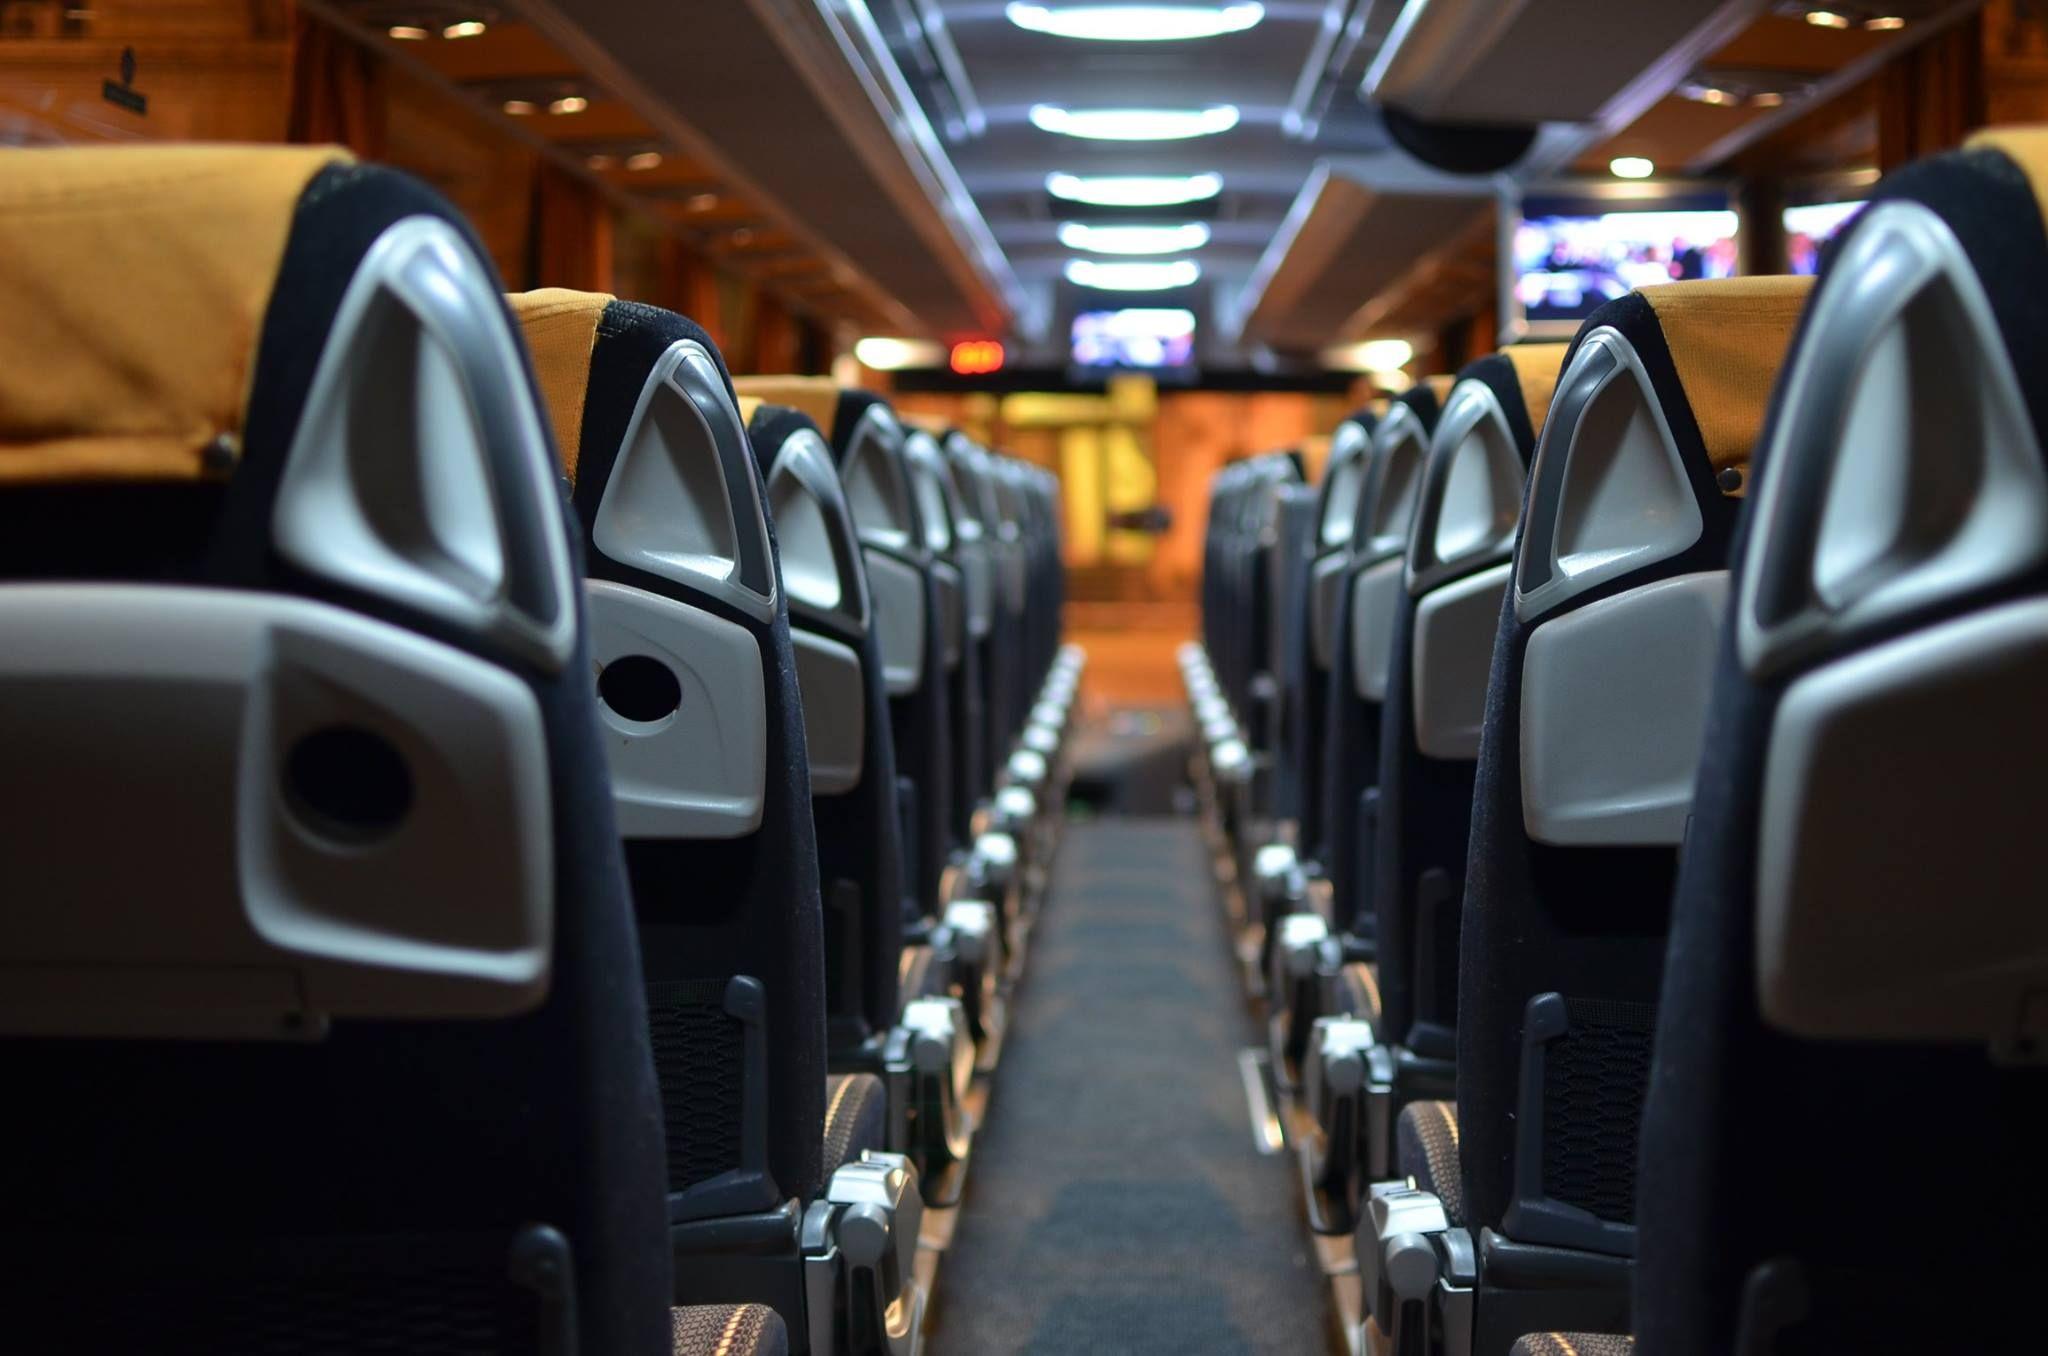 Flota de autobuses equipada con la última tecnología